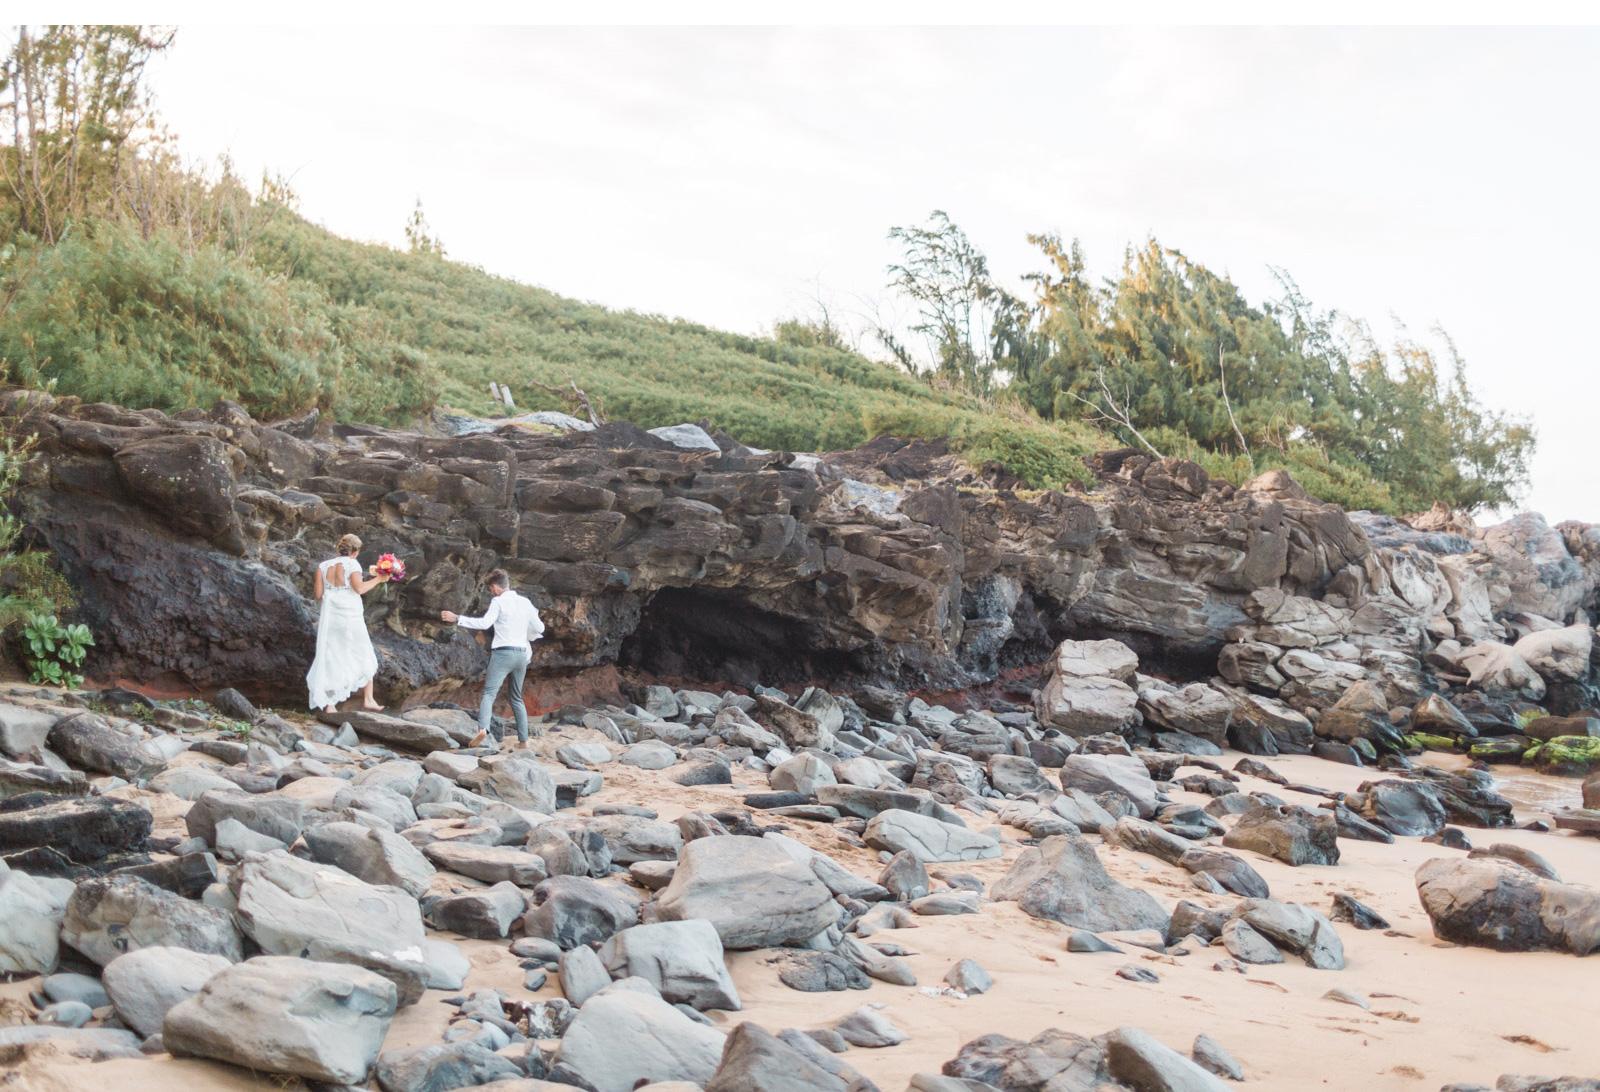 Natalie-Schutt-Photography--Destination-Wedding-Photographer_05.jpg